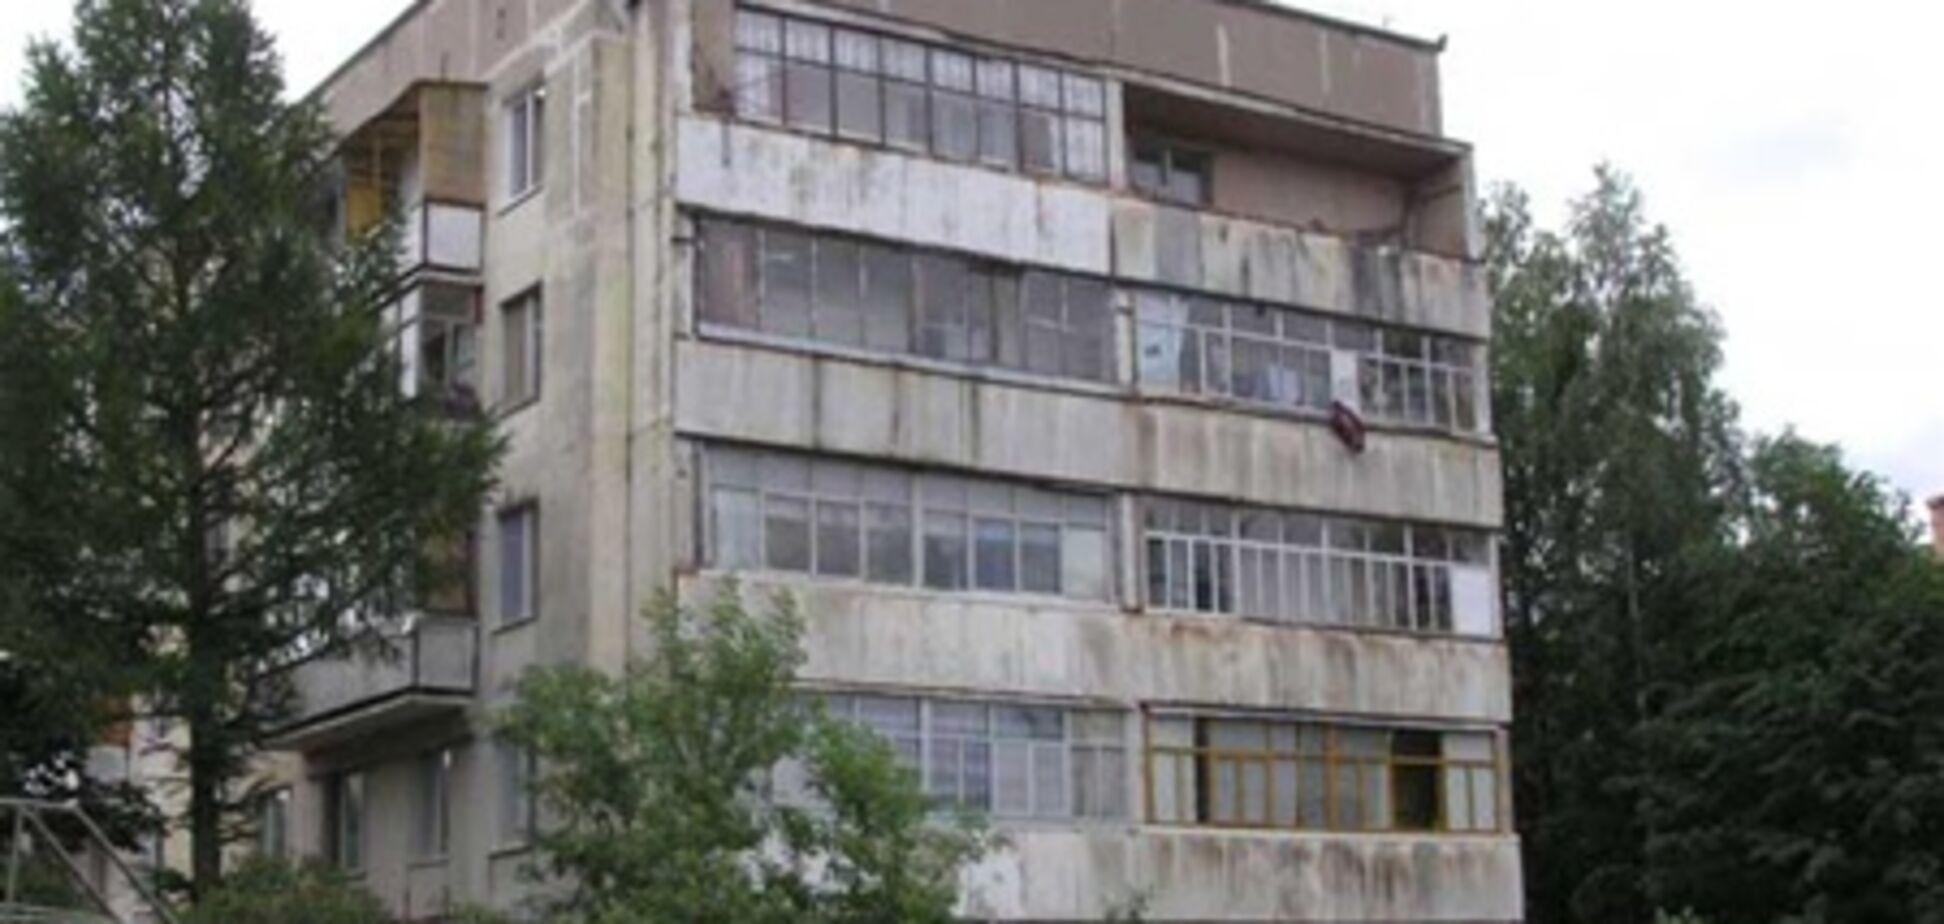 Срок эксплуатации панельных домов, построенных в 70-х годах, истечет через девять лет